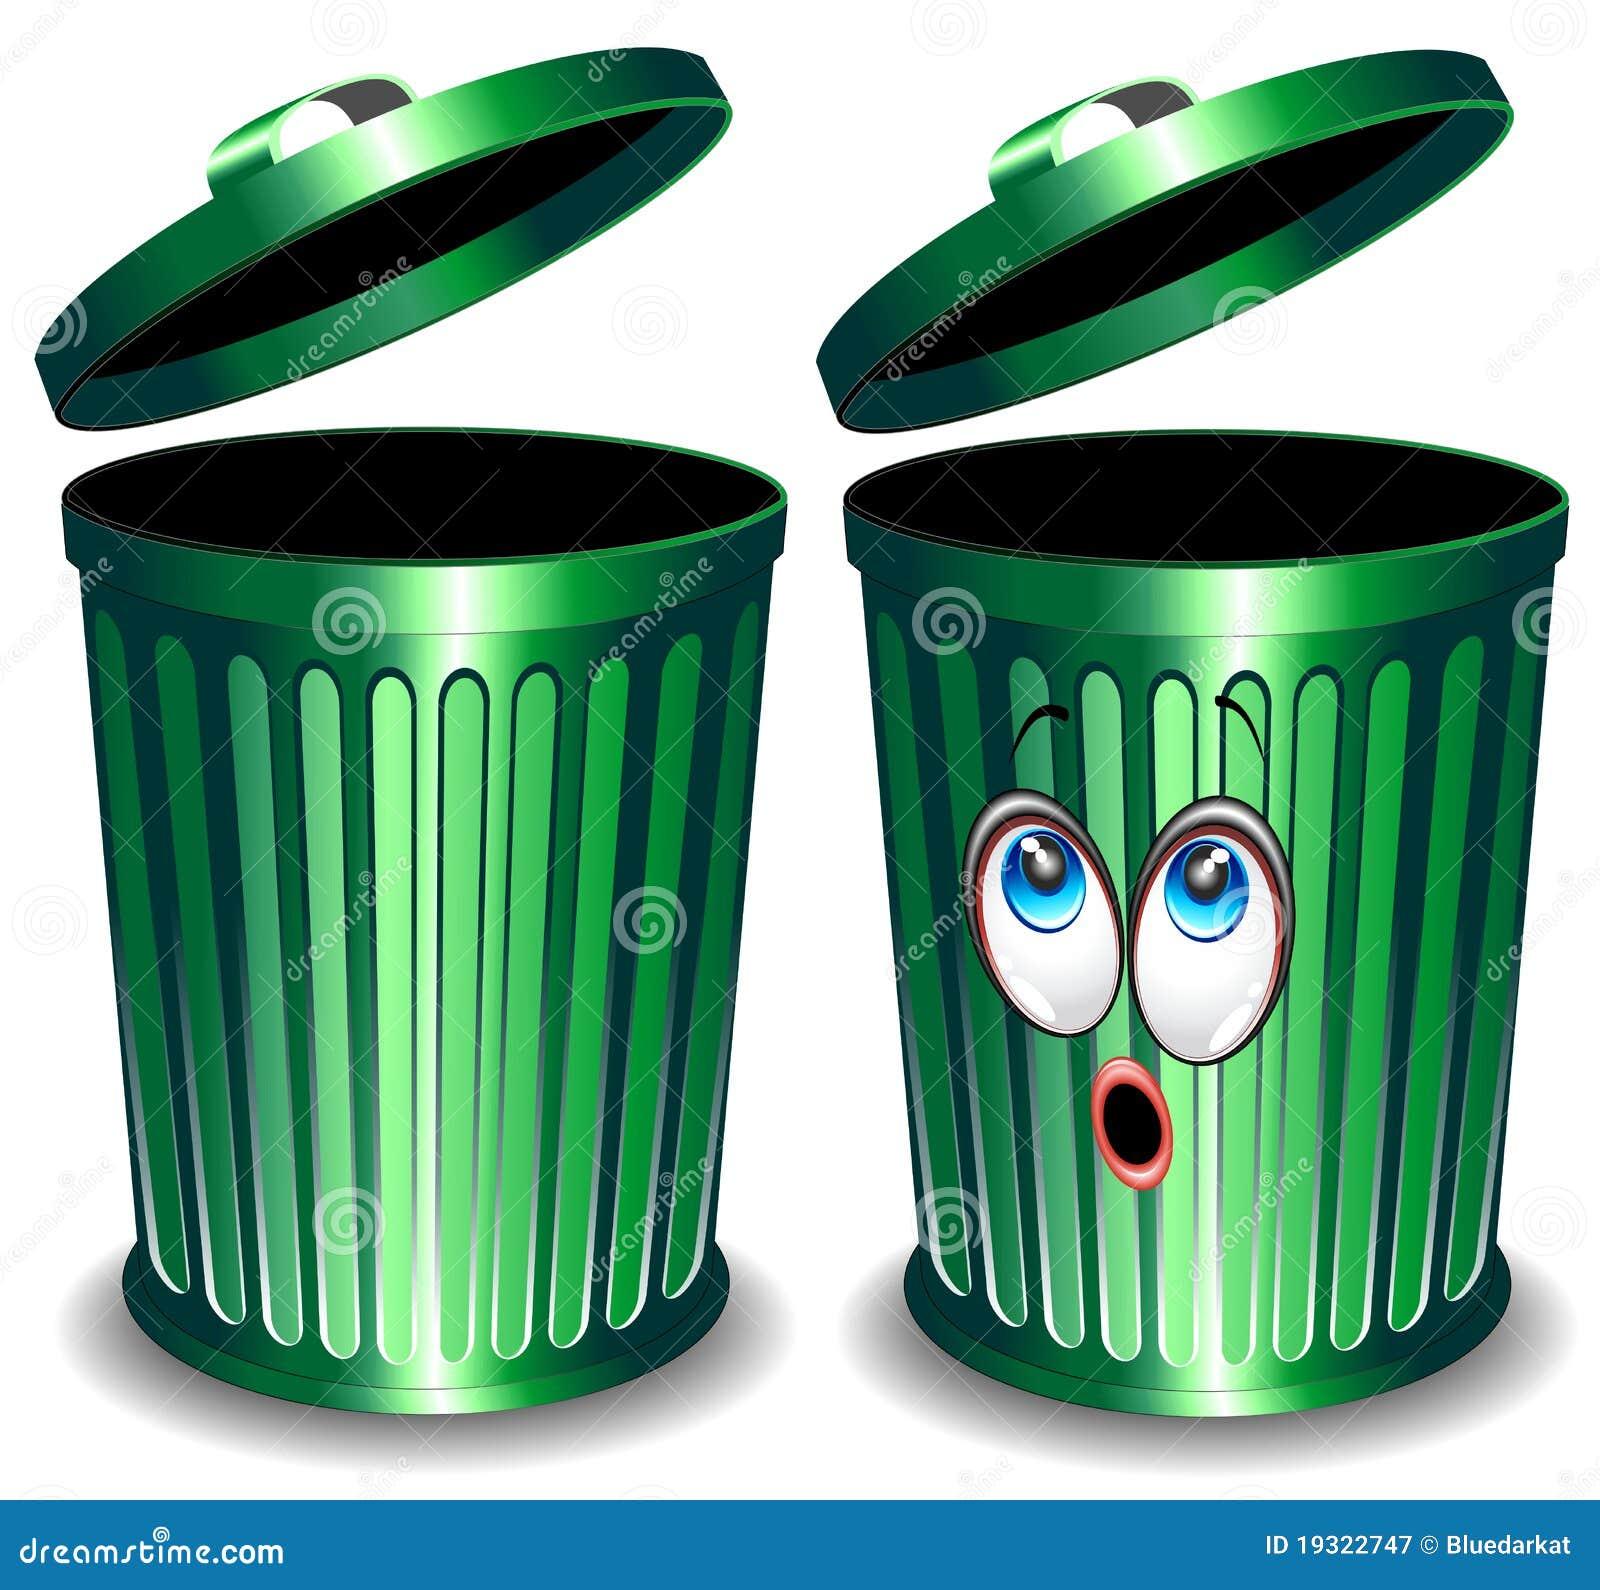 bin cartoon green trash